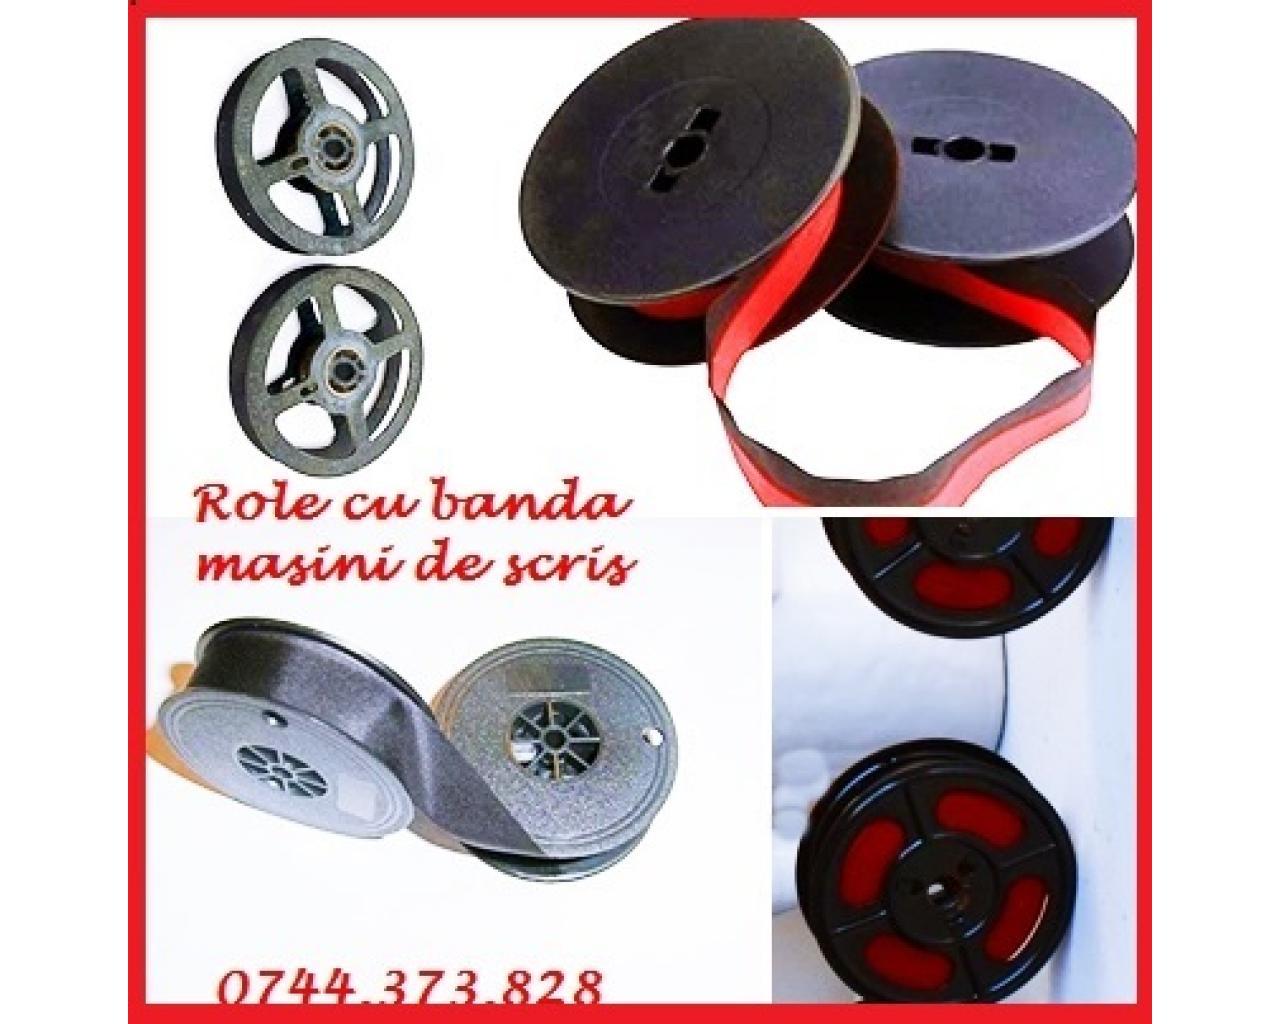 Role tus masini de scris mecanice 0744373828 !!!!!!!.